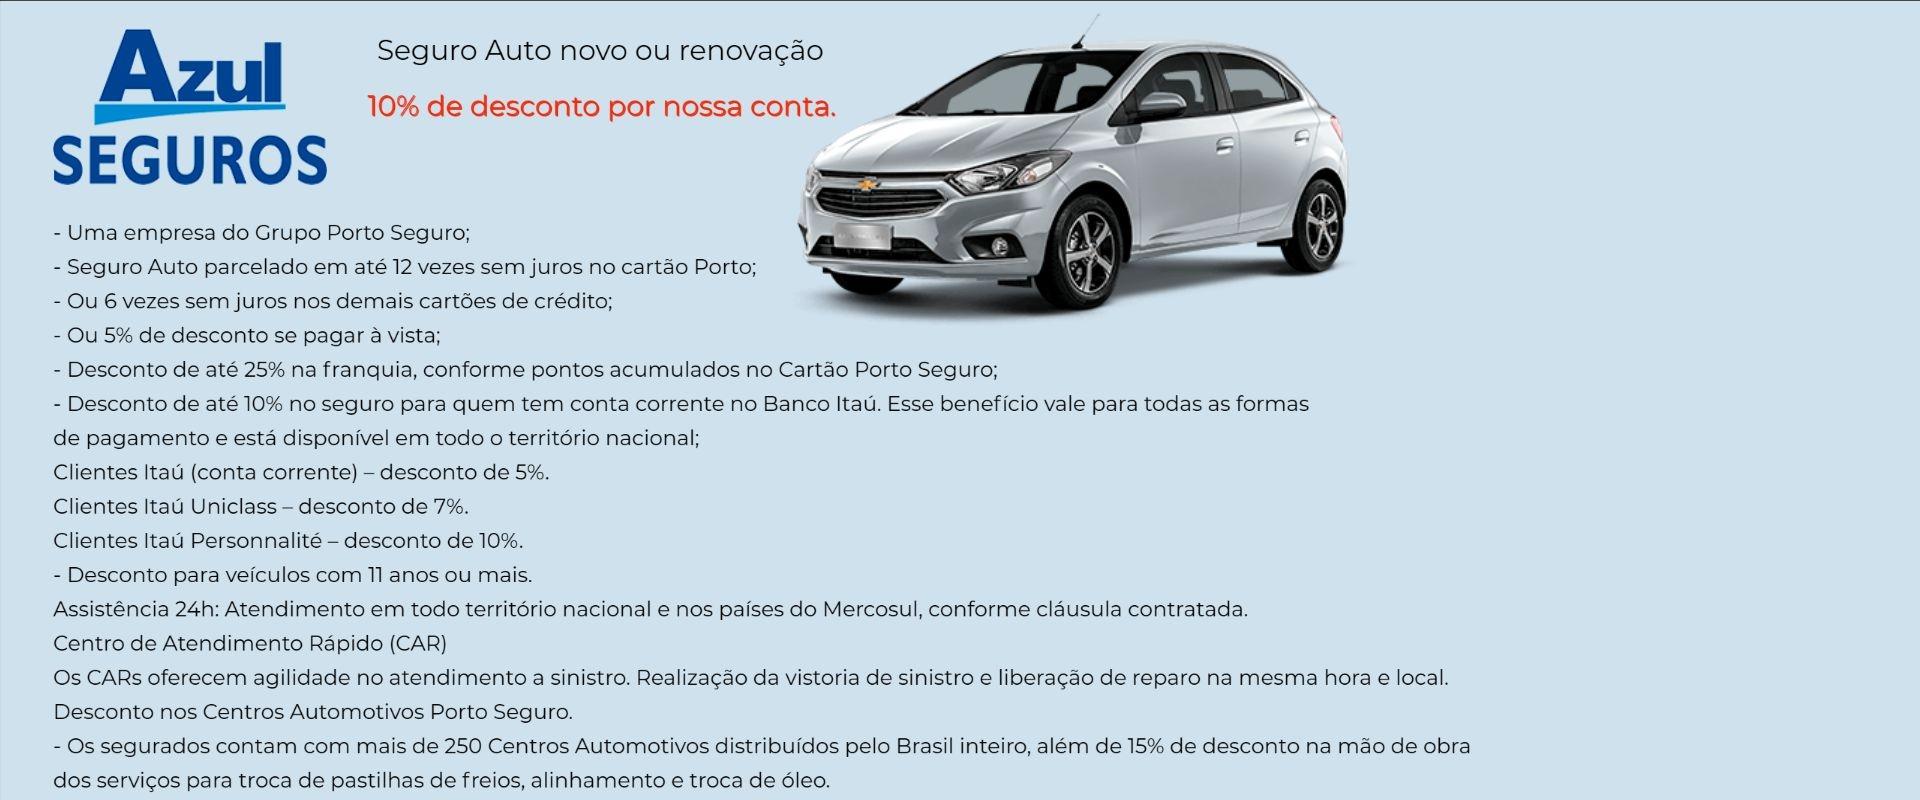 Azul Seguro Auto com Desconto em São Paulo-SP